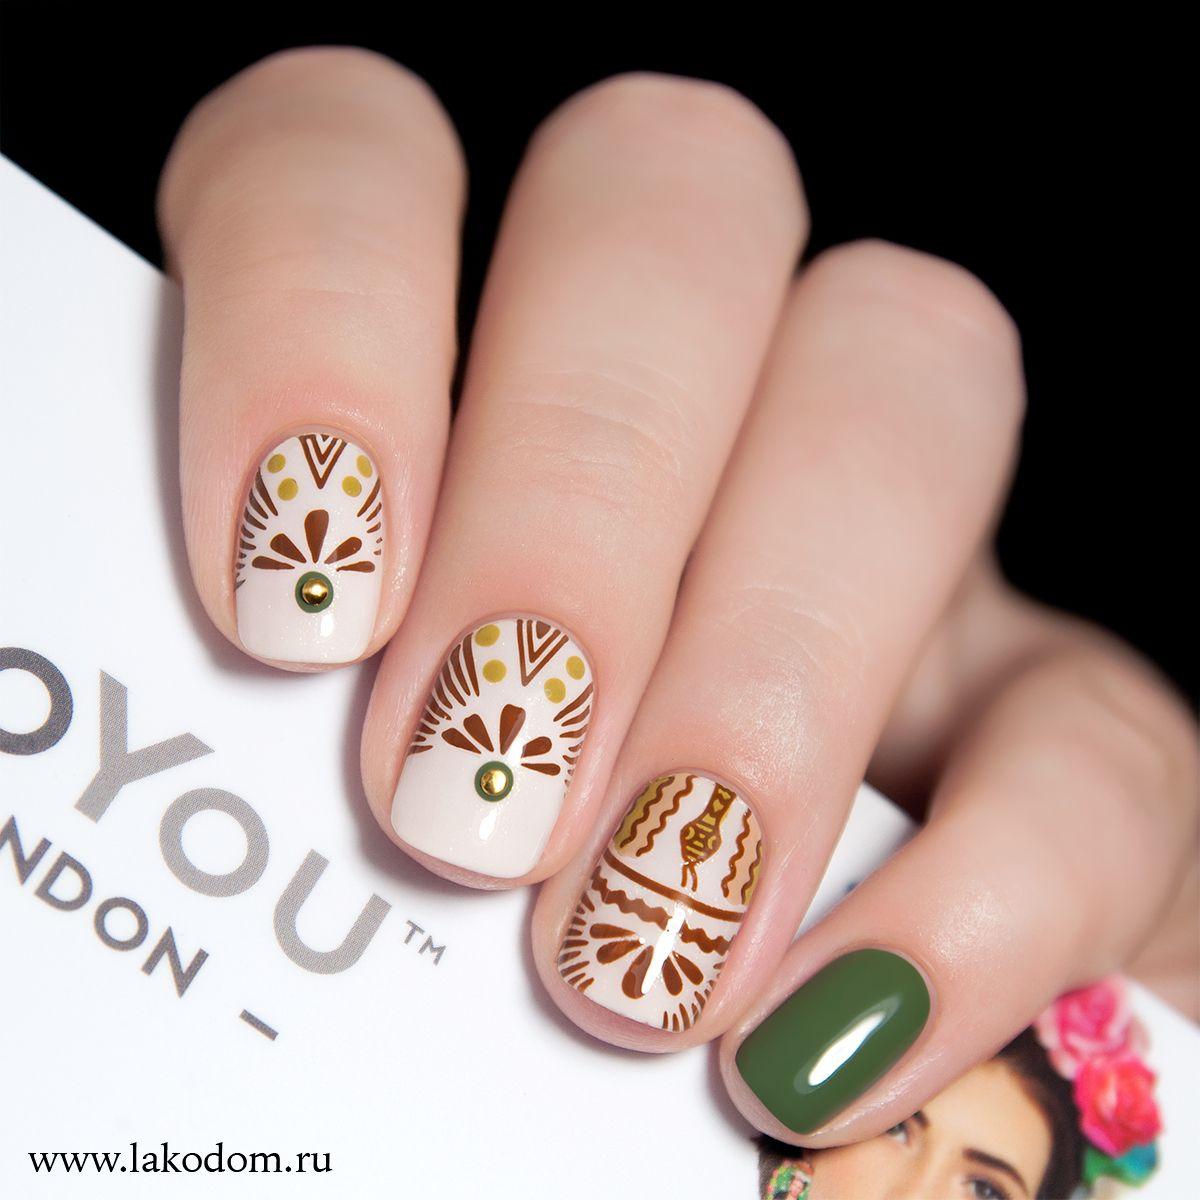 Mexico 04 | nayls | Pinterest | Diseños de uñas, Decoración de uñas ...